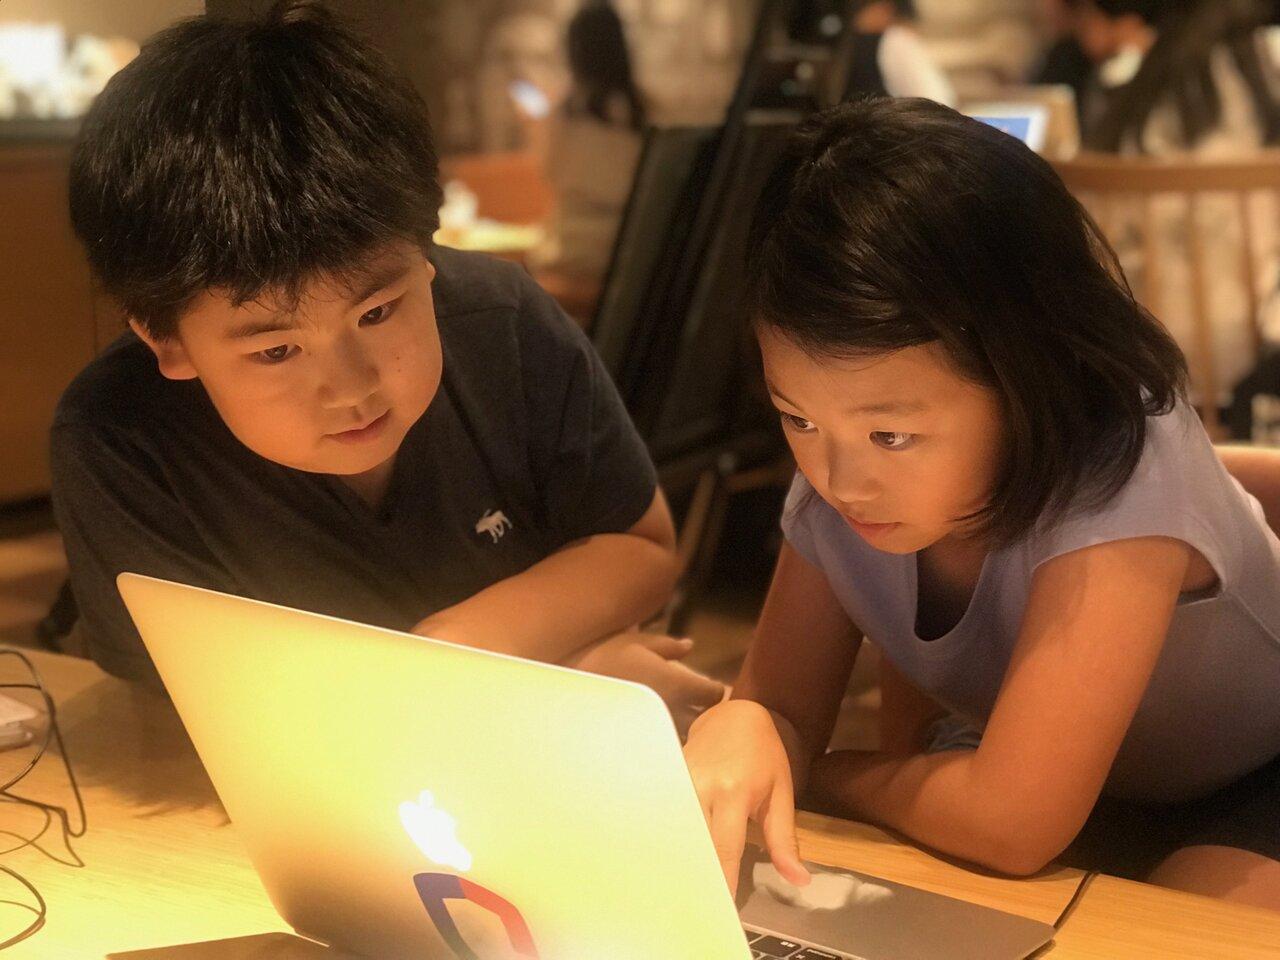 GIGAスクール時代を生き抜く! 未就学児のインターネットの歩き方